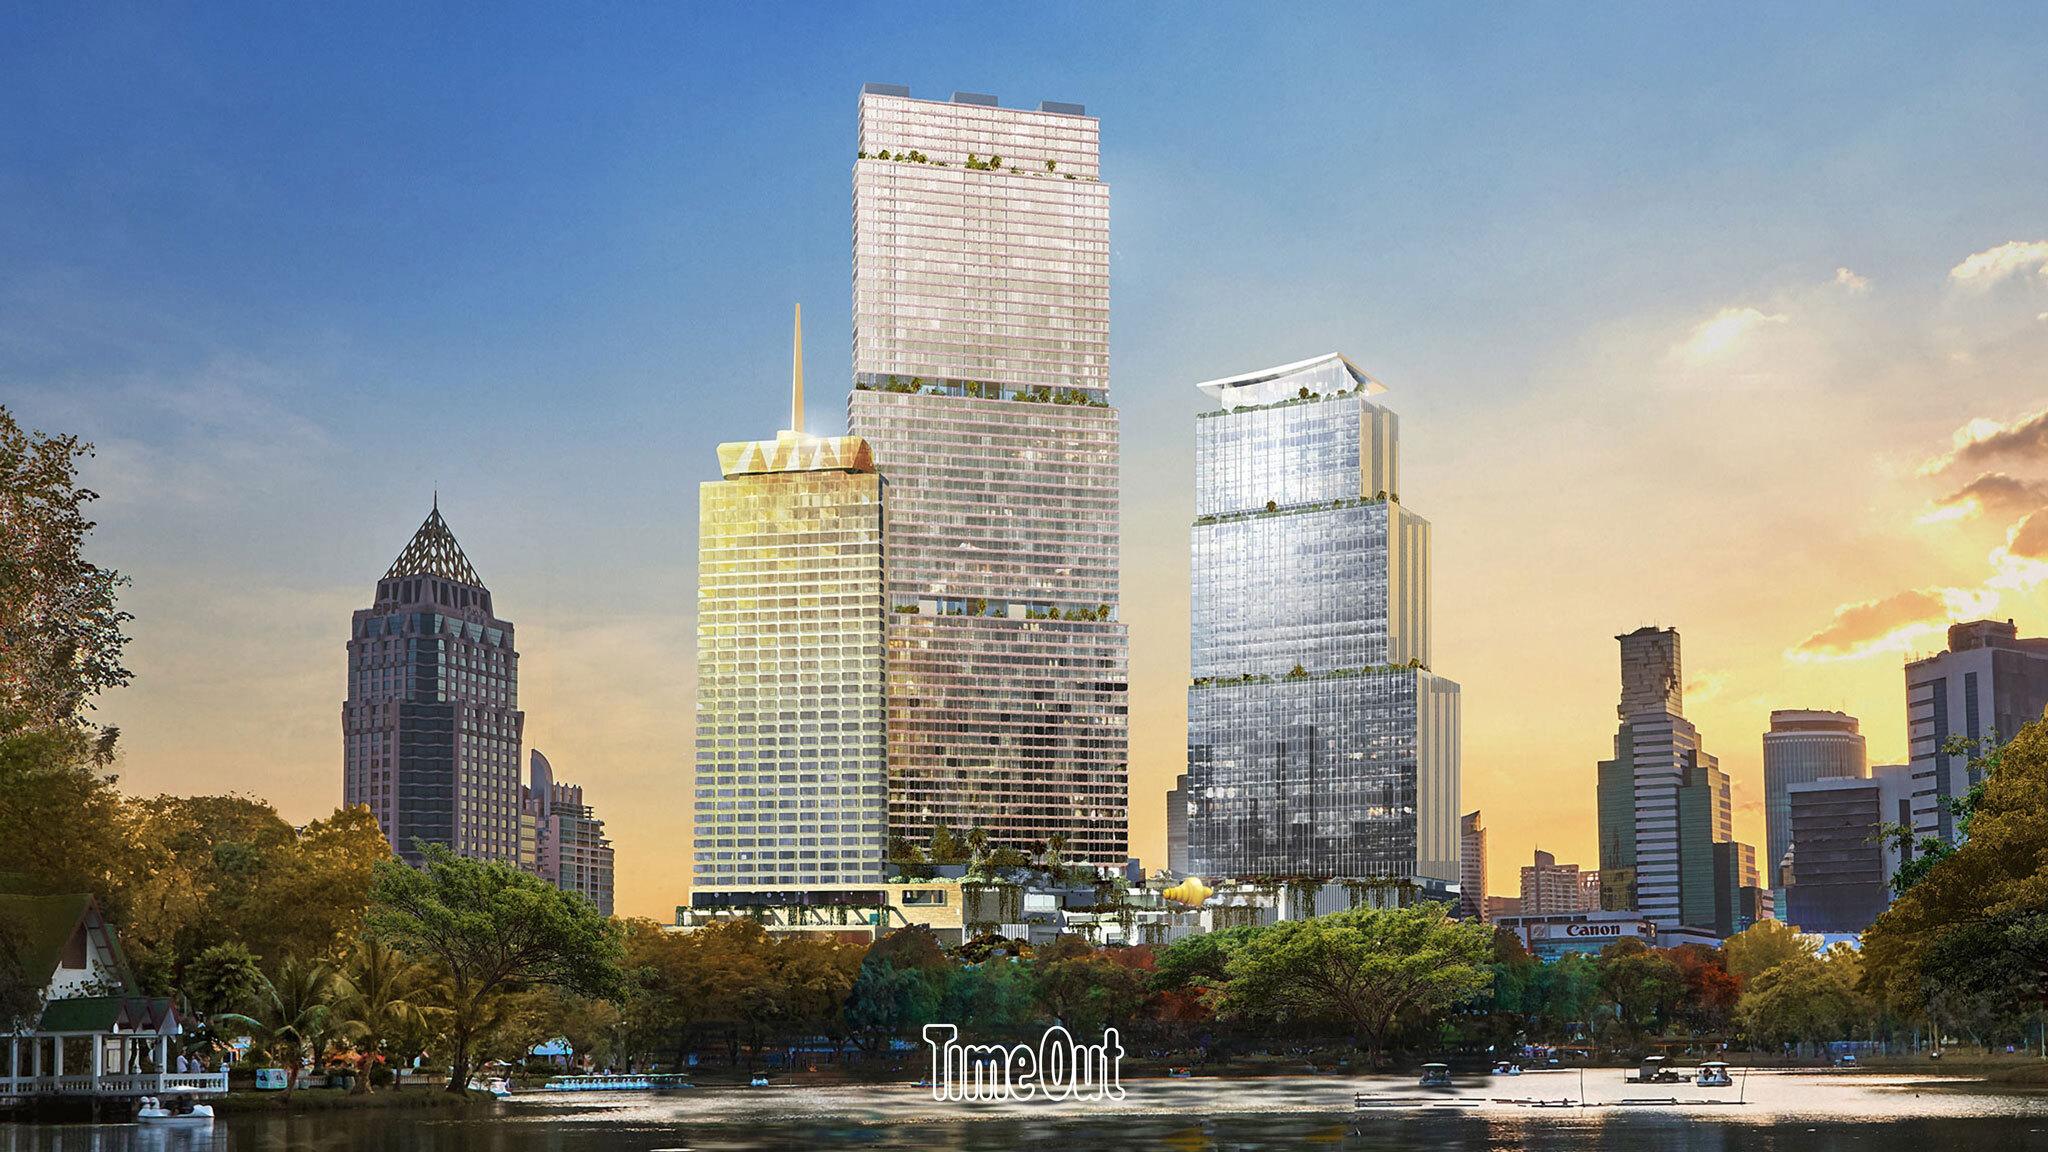 เปิดภาพแรก Dusit Central Park อวตารร่างใหม่ของโรงแรมดุสิตธานี